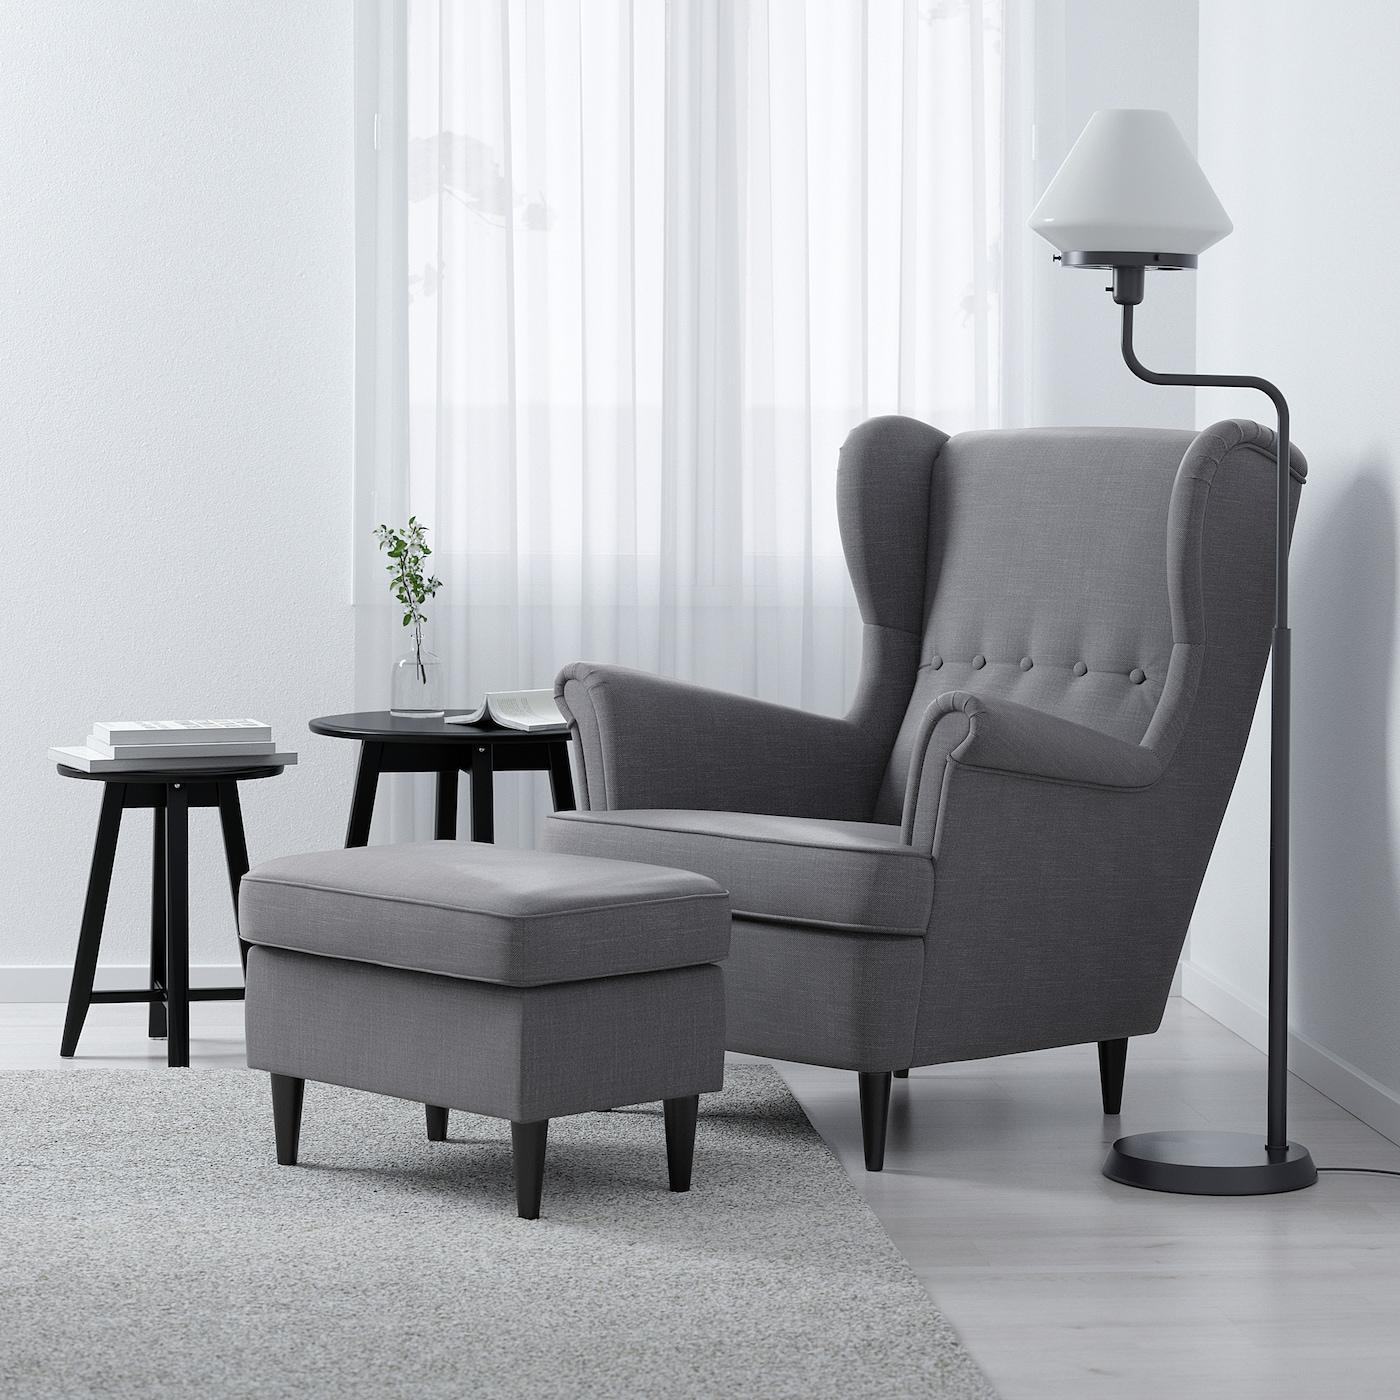 STRANDMON Öronlappsfåtölj, Nordvalla mörkgrå IKEA